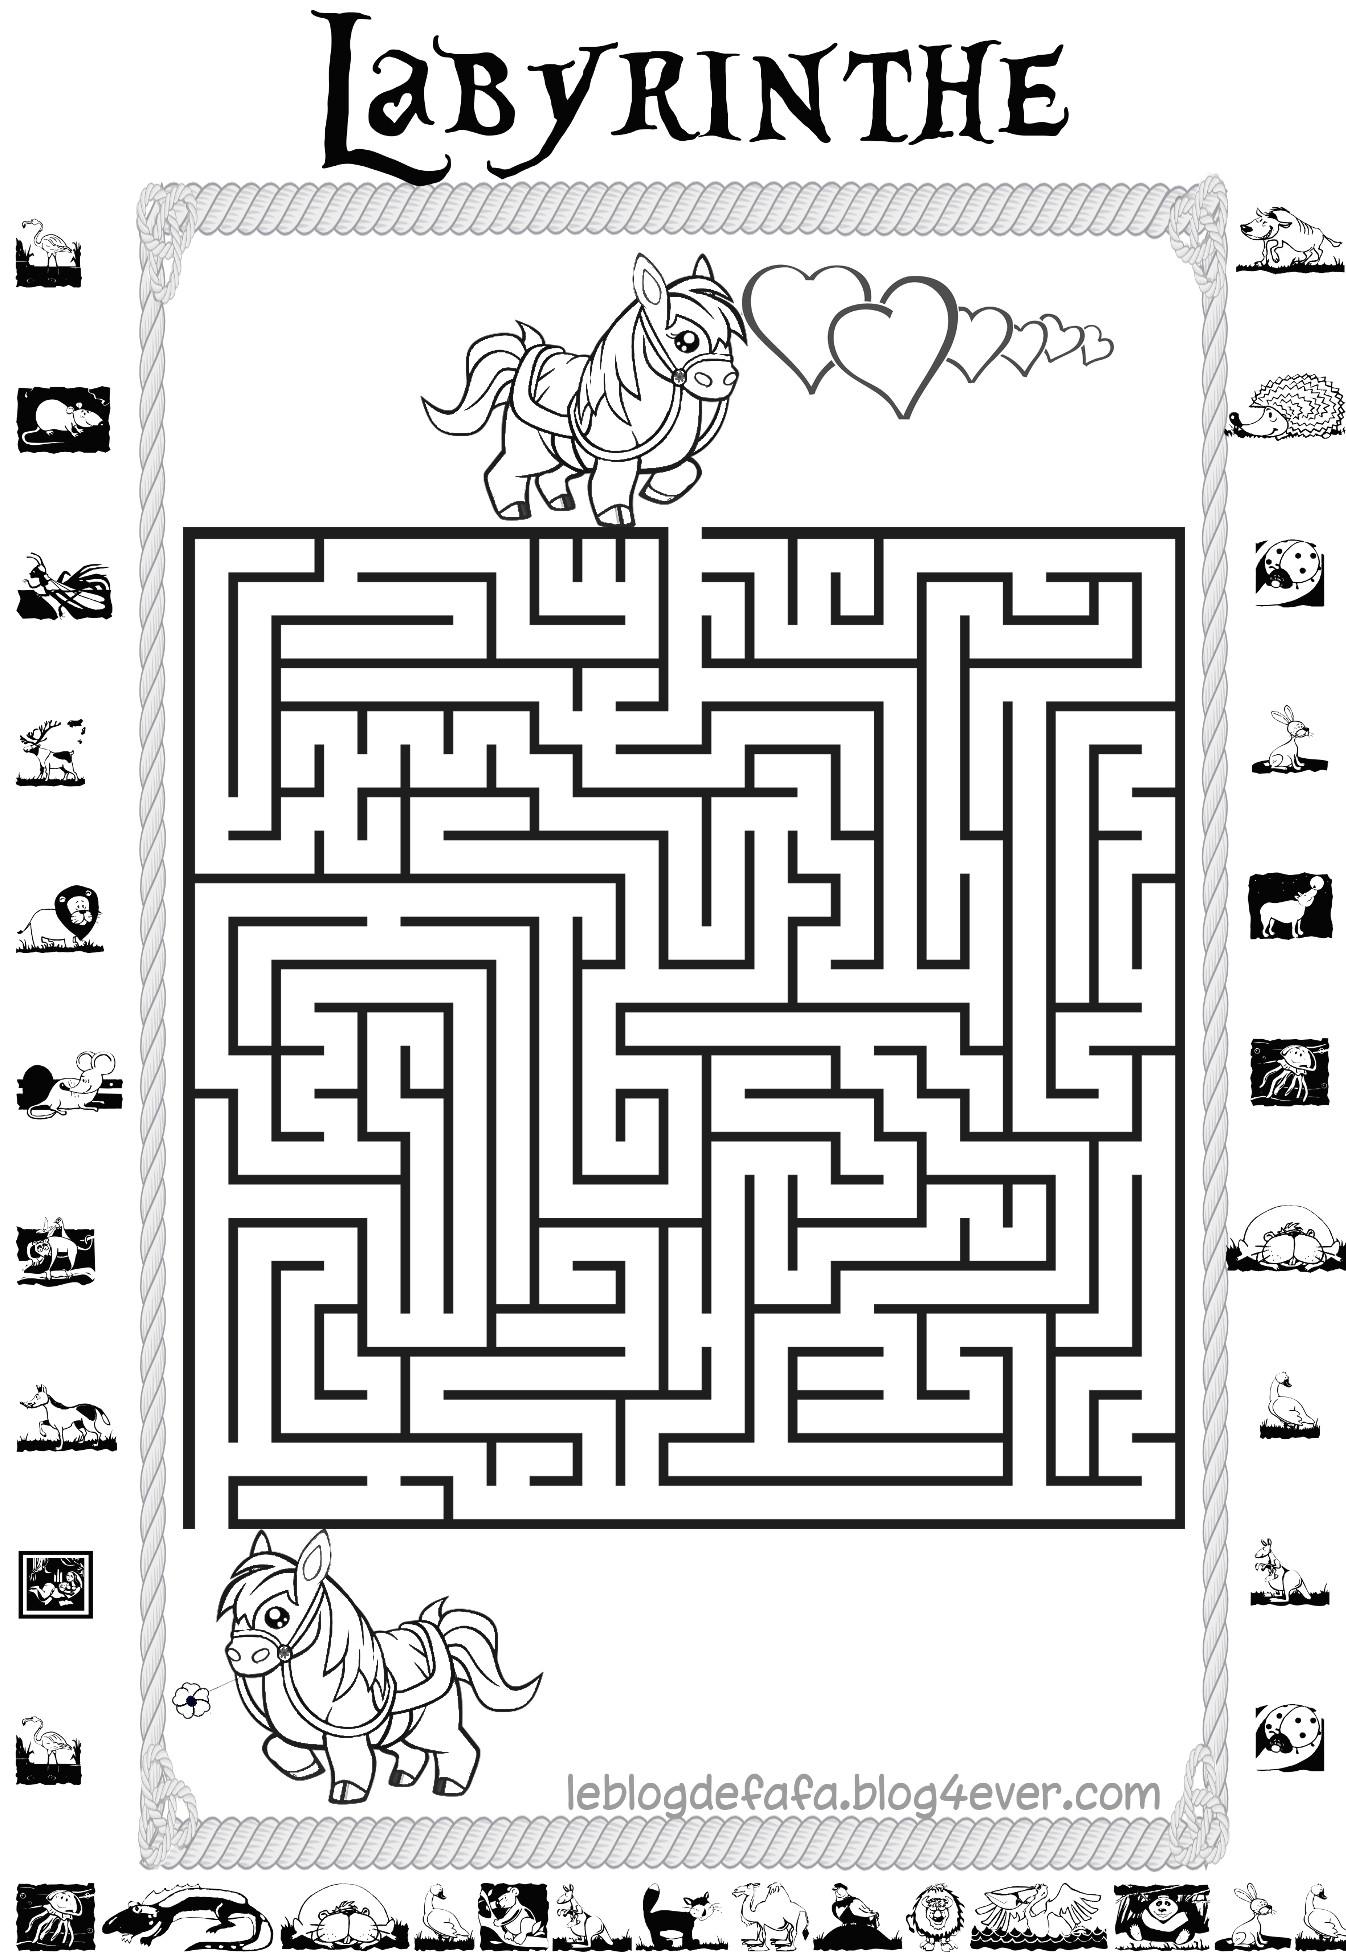 Jeux Chevaux Gratuits À Imprimer : Labyrinthes, Apprendre À intérieur Jeux De Labyrinthe Gratuit